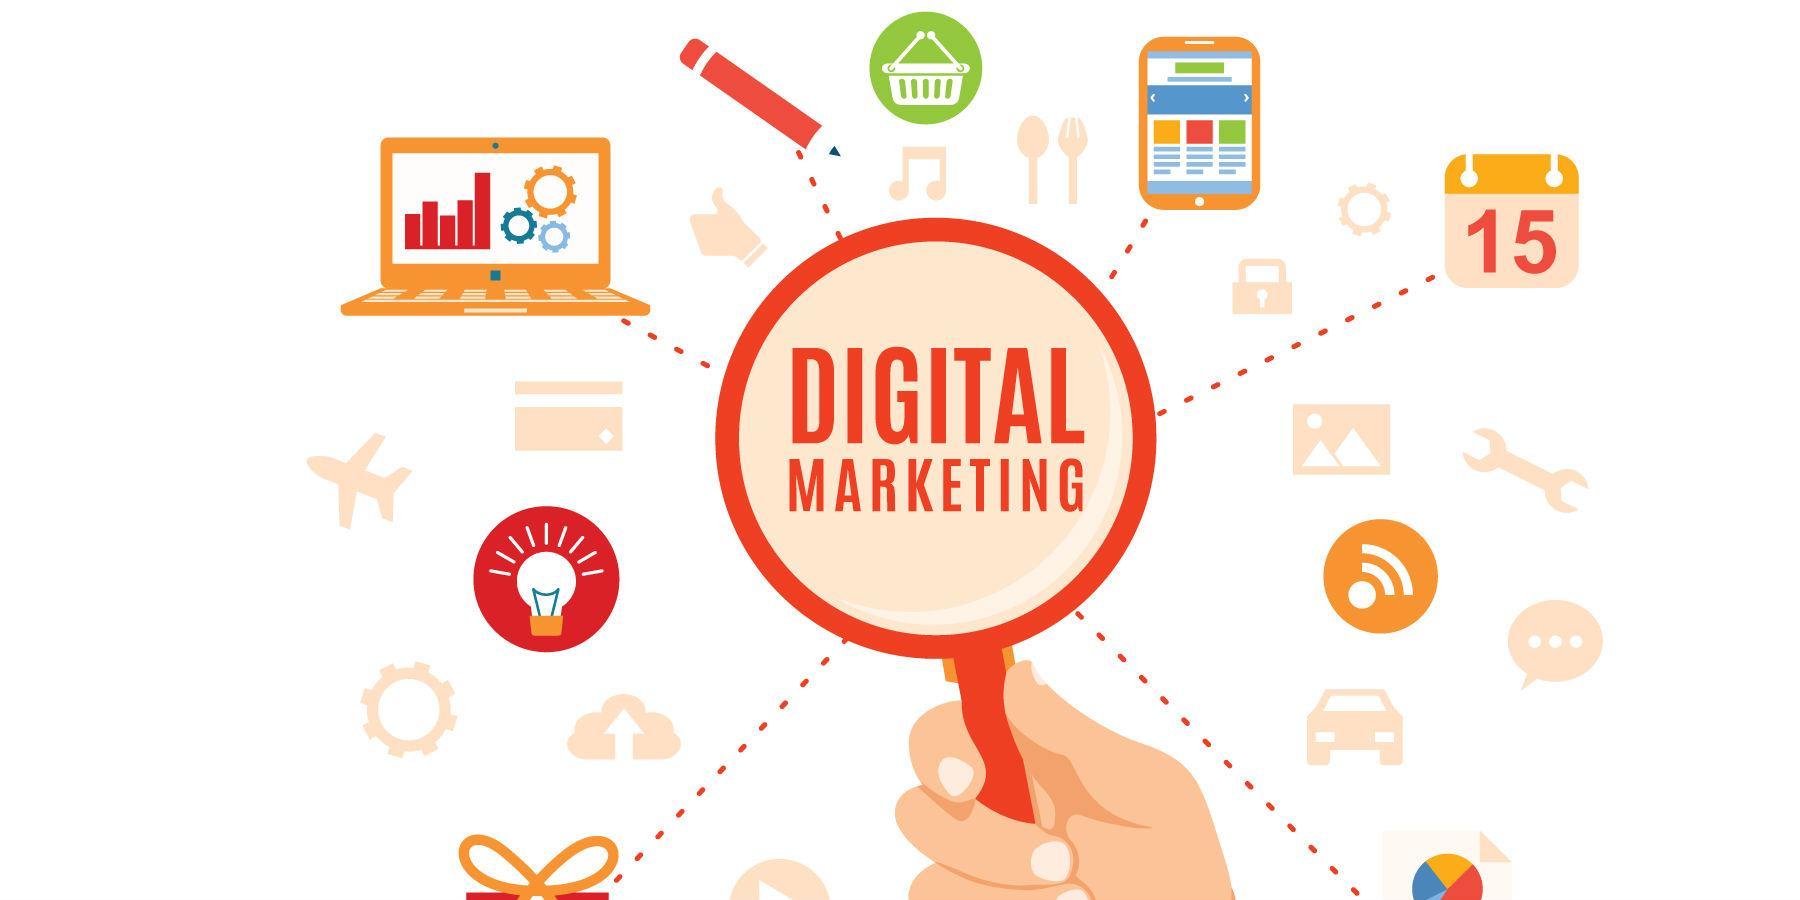 Tìm hiểu về content marketing cho người mới bắt đầu 2020